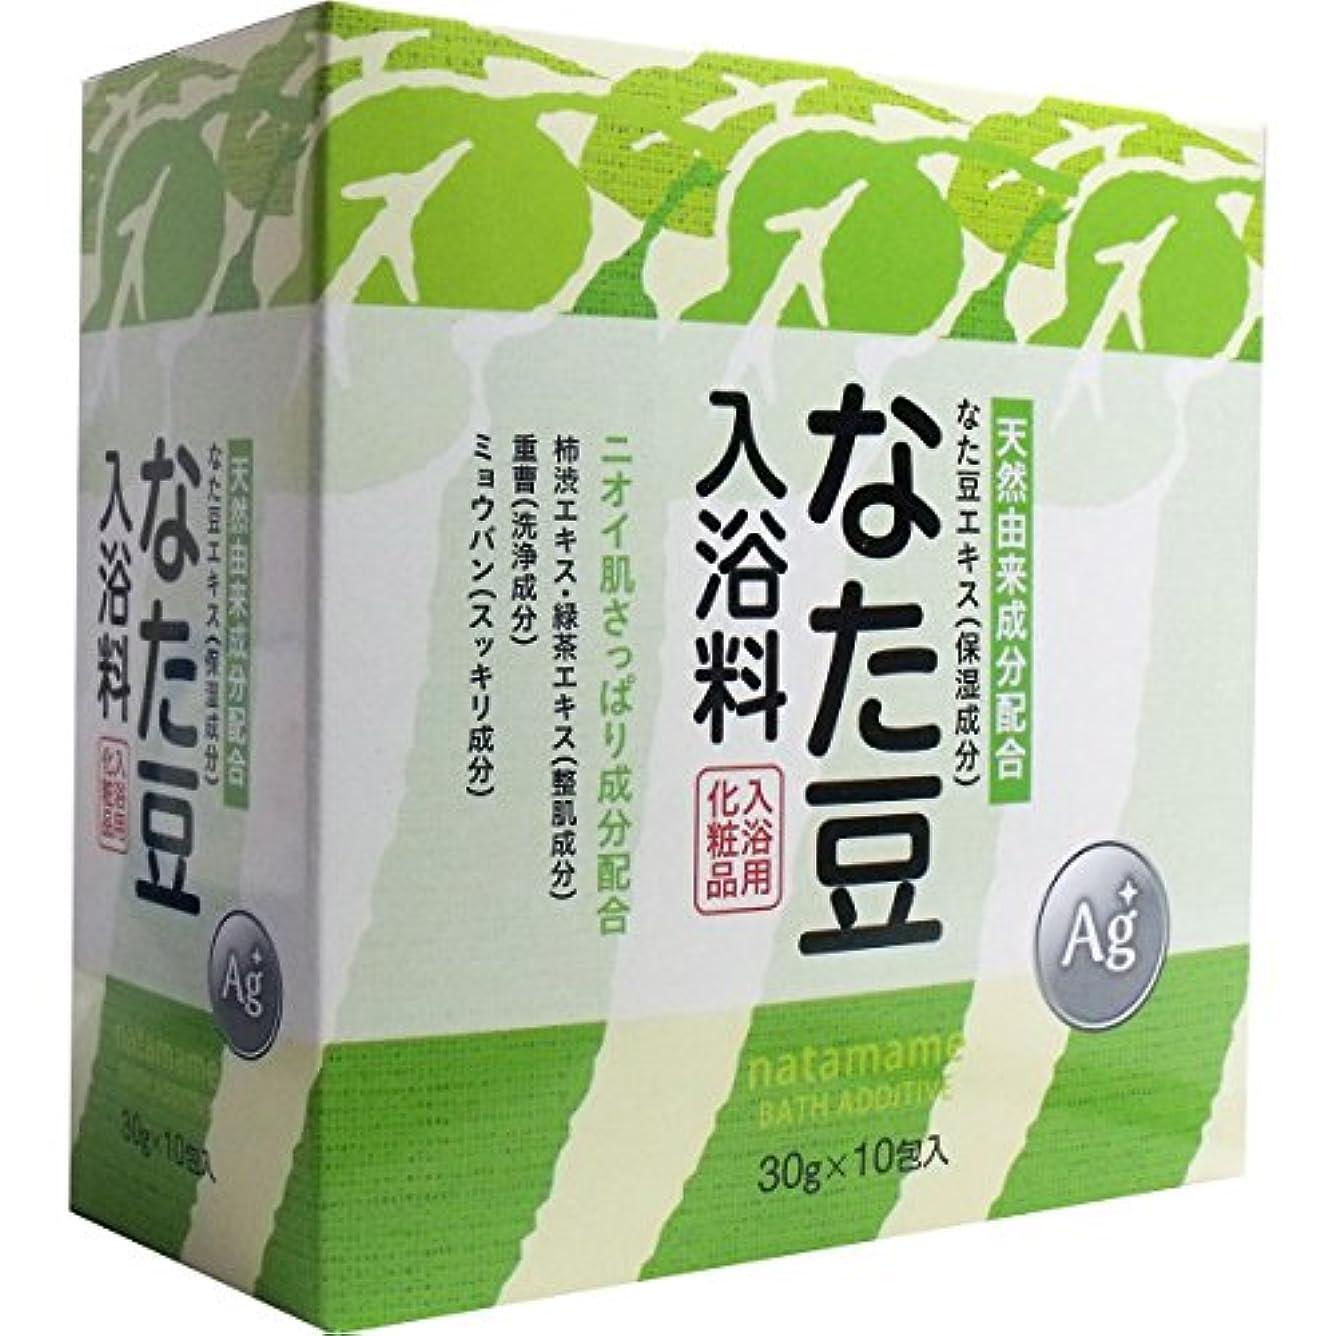 排出海上なた豆入浴料 入浴用化粧品 30g×10包入×4